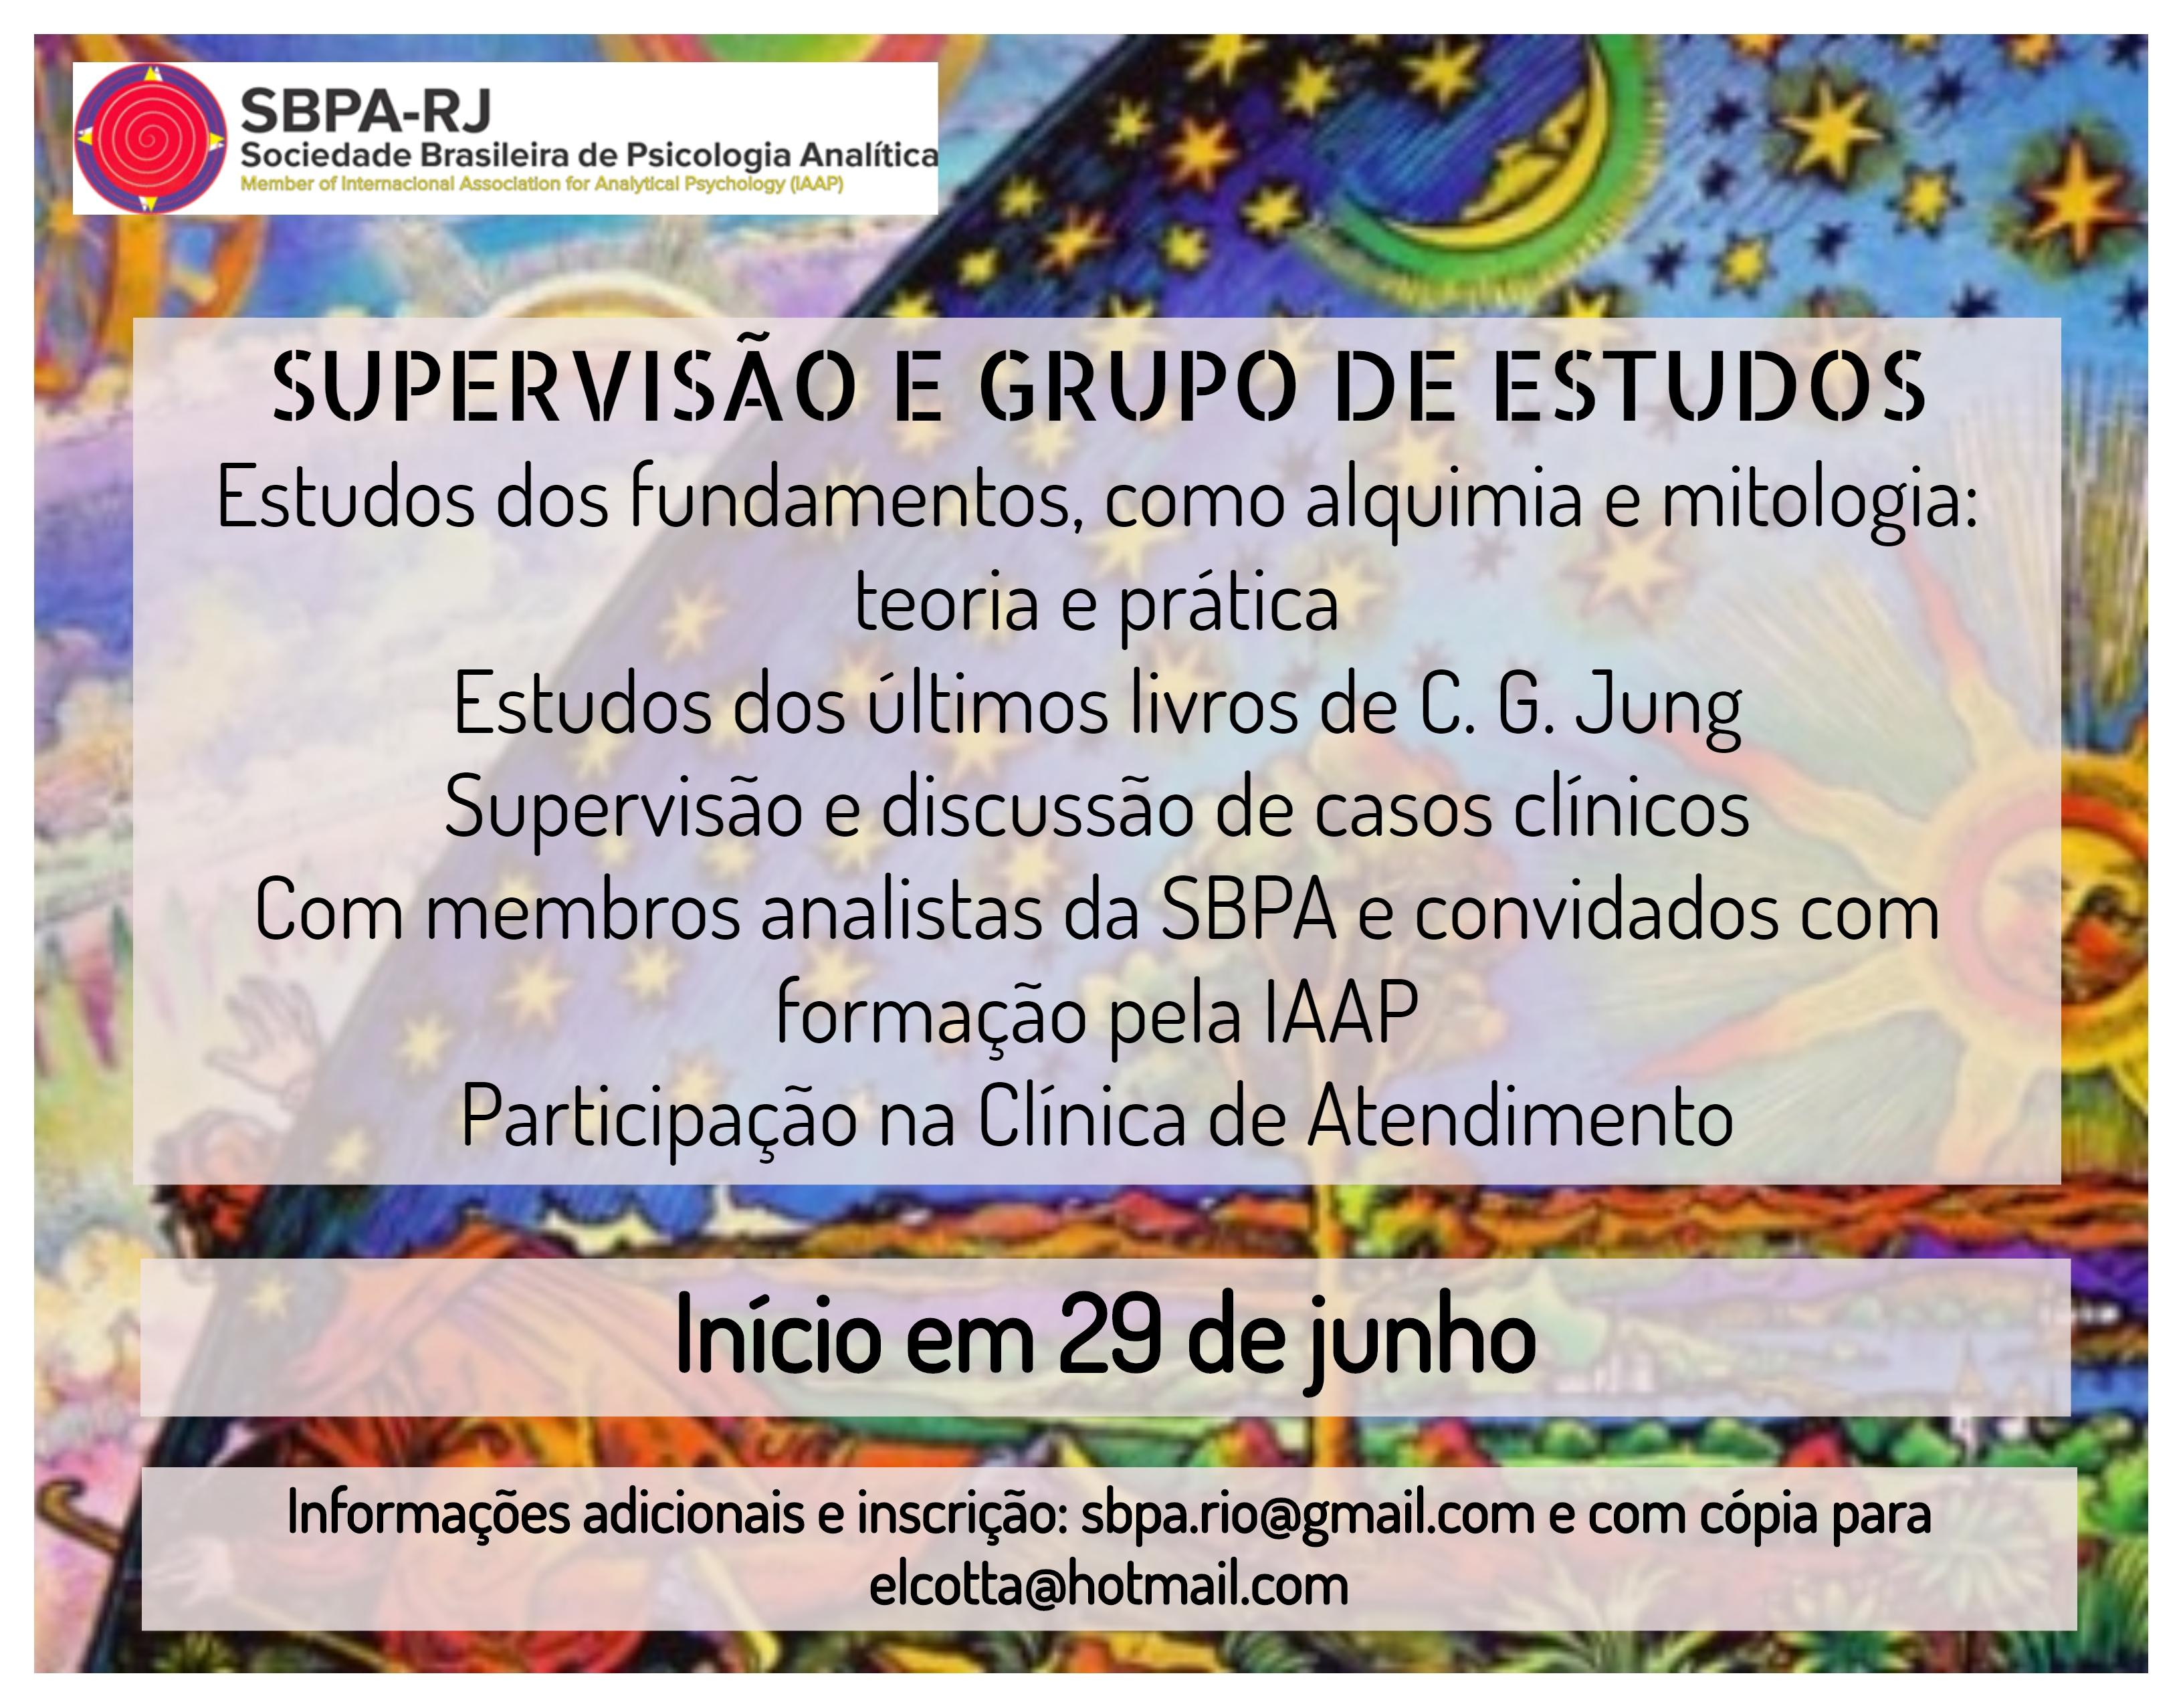 Supervisão e Grupo de Estudos